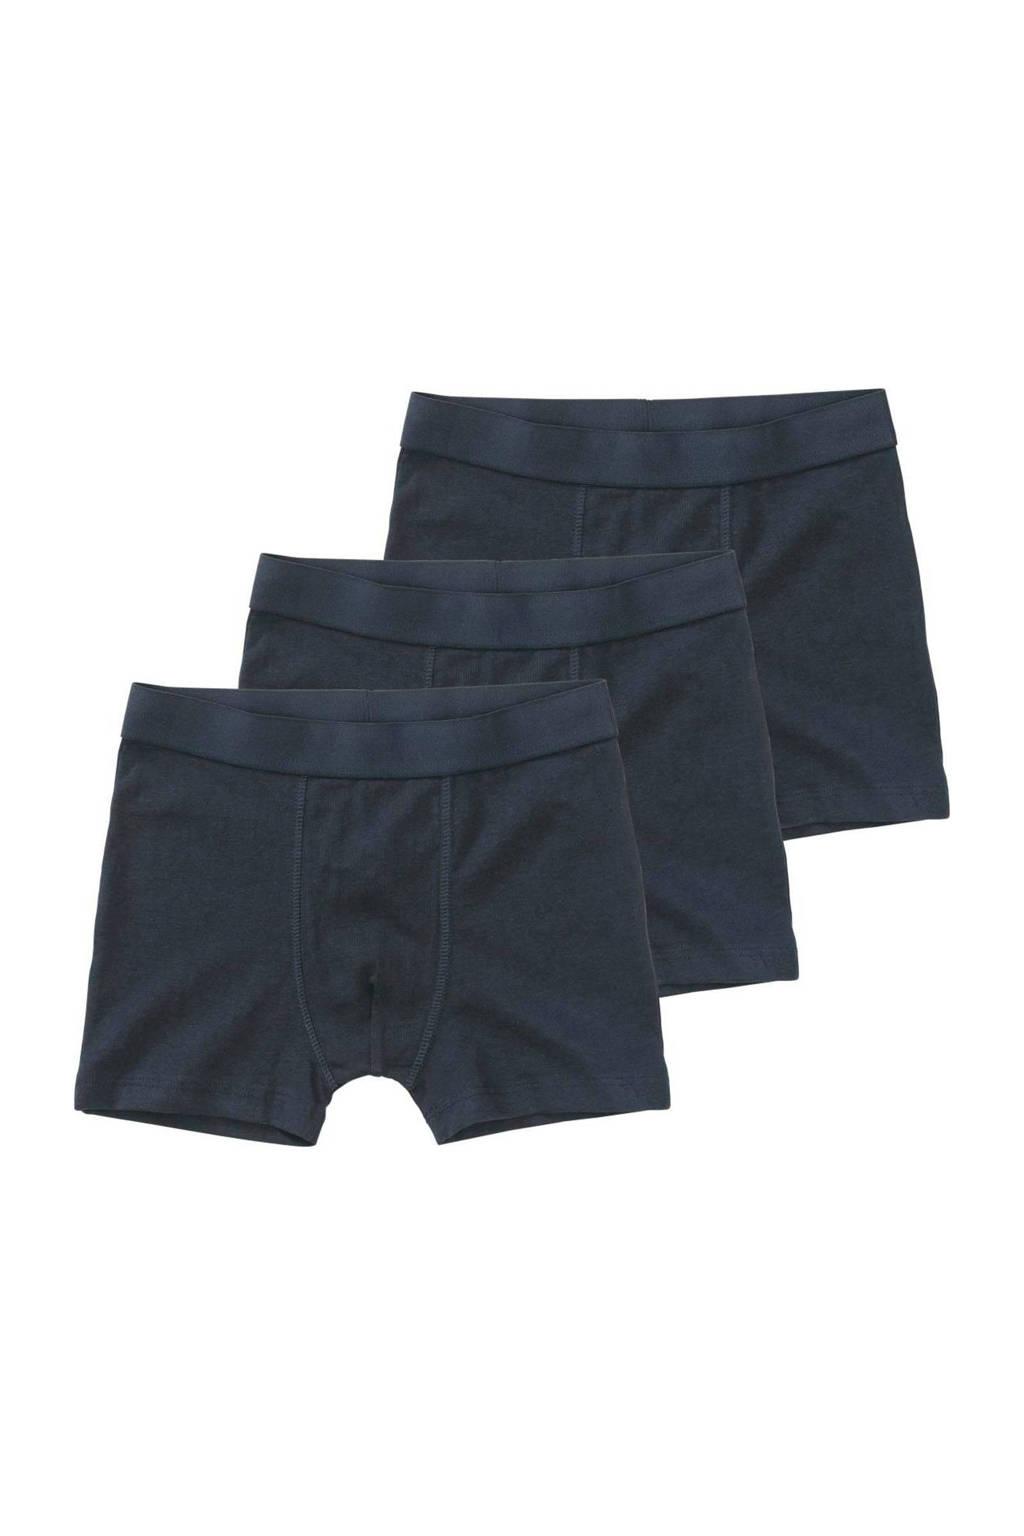 HEMA   boxershort - set van 3, Blauw